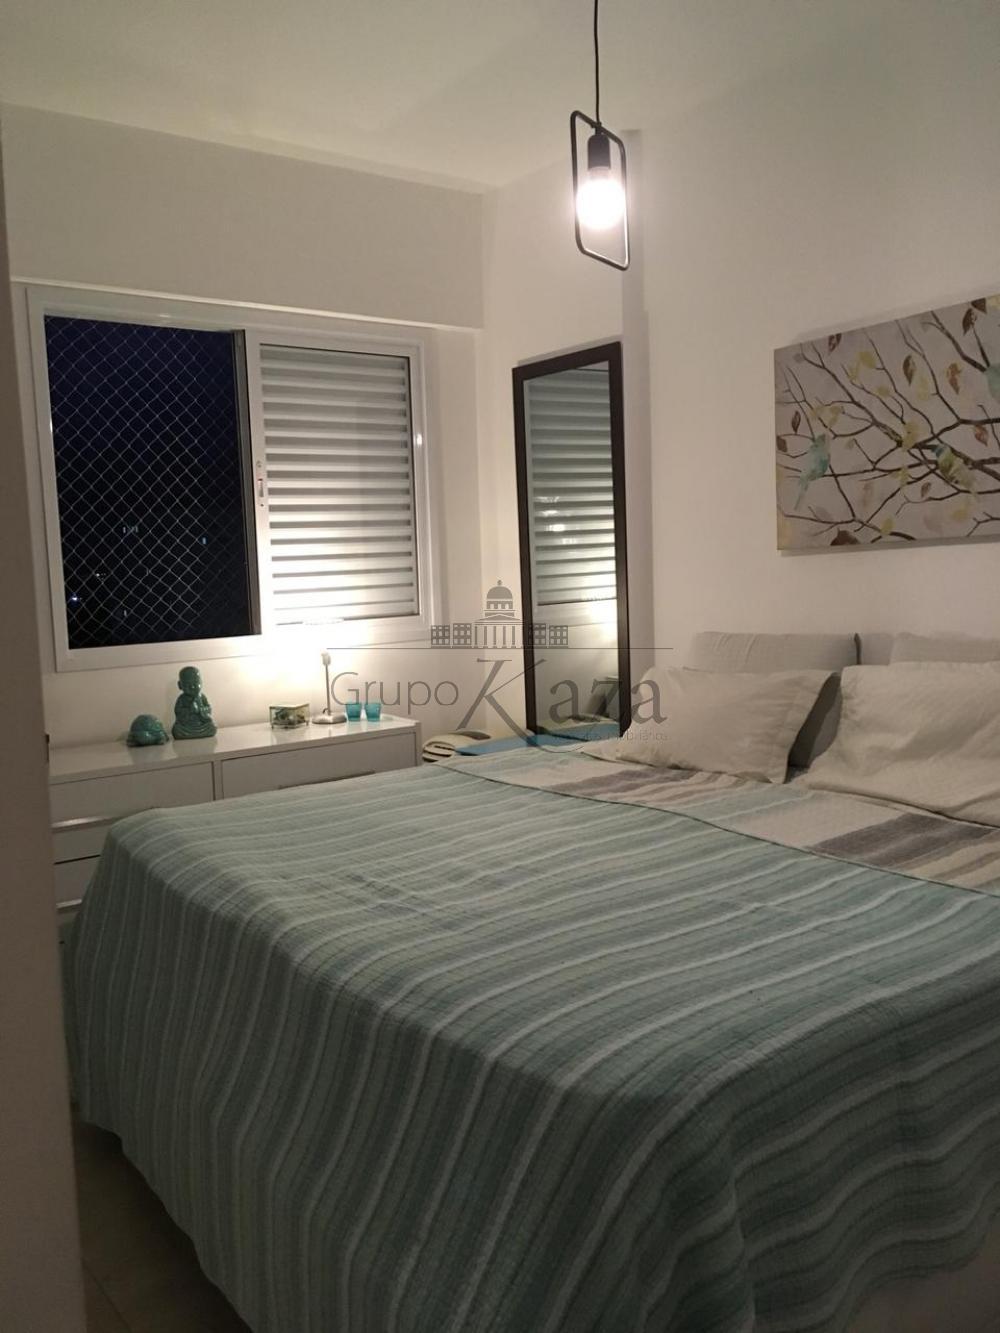 Alugar Apartamento / Padrão em São José dos Campos R$ 2.100,00 - Foto 7